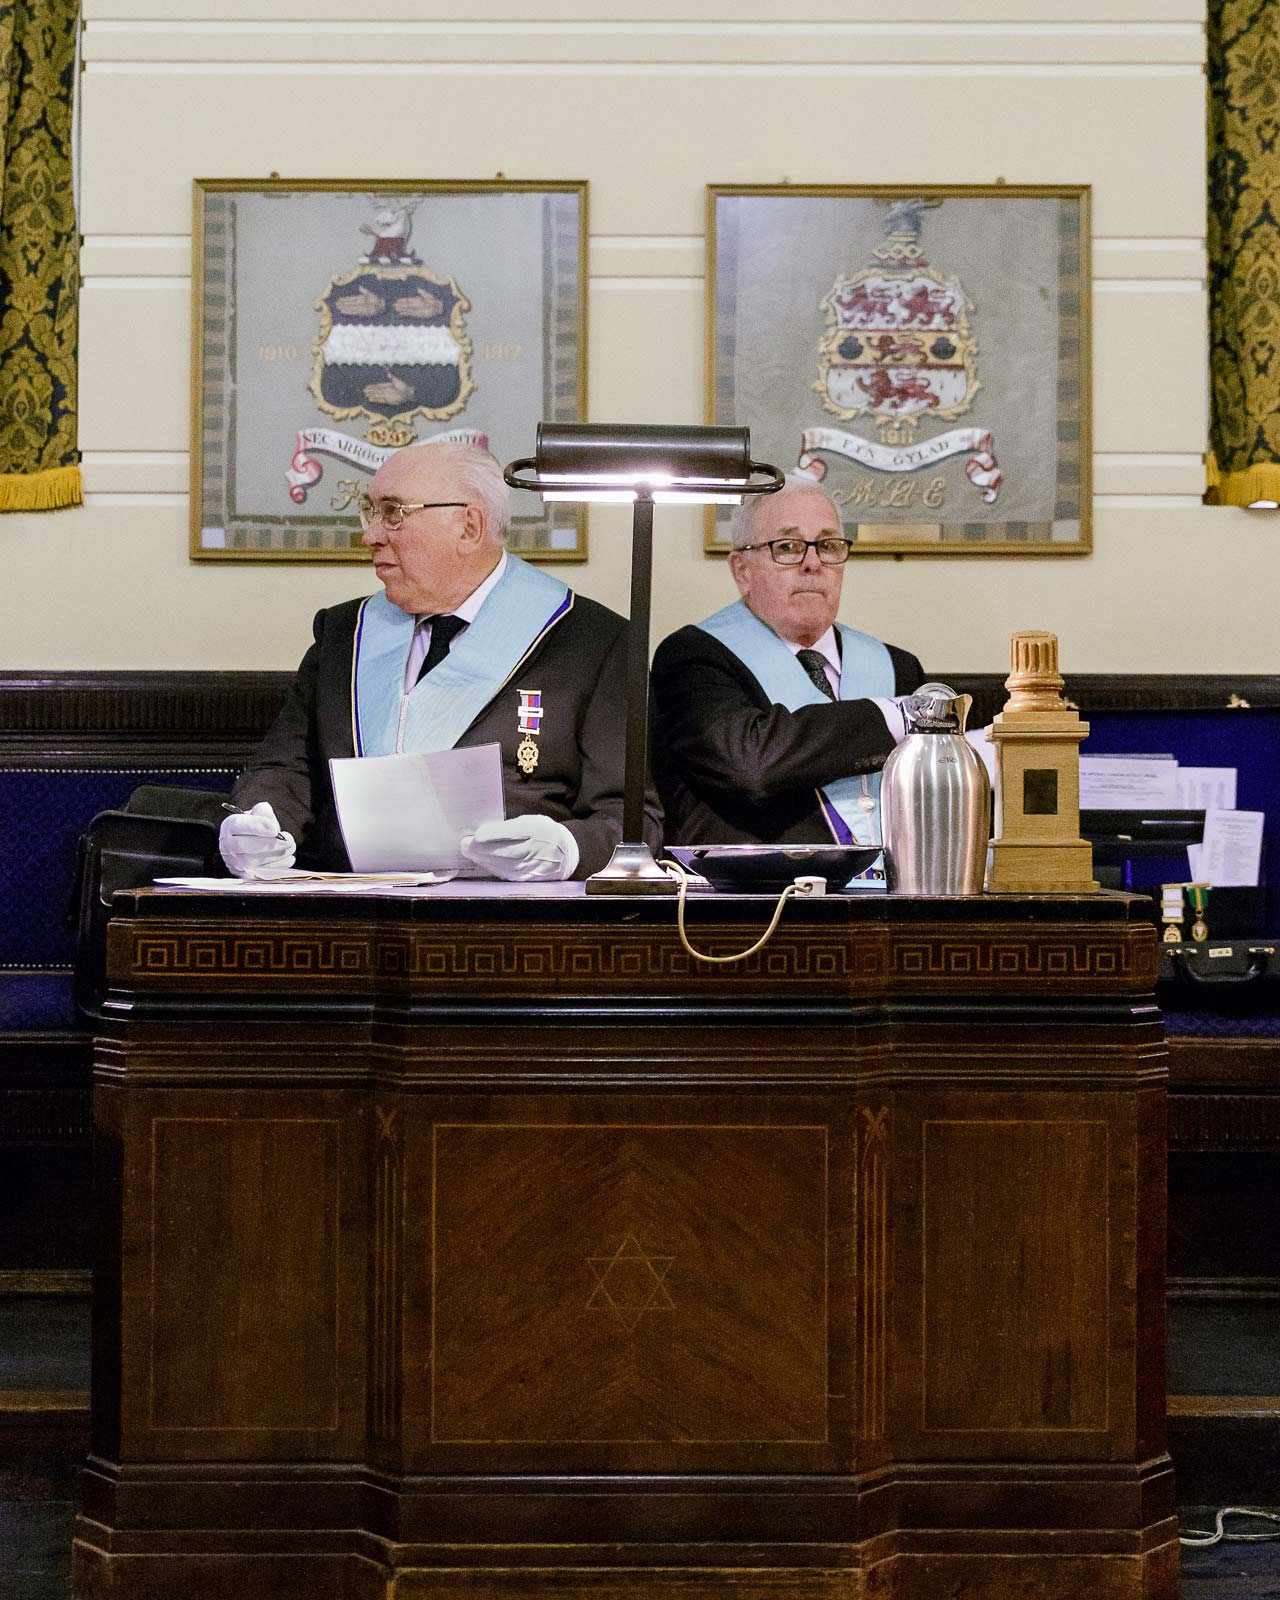 Mitglieder der »Terpsichore Lodge« bei den Vorbereitungen zum Zeremonie in der »Freemason's Hall«, London, England, 2015